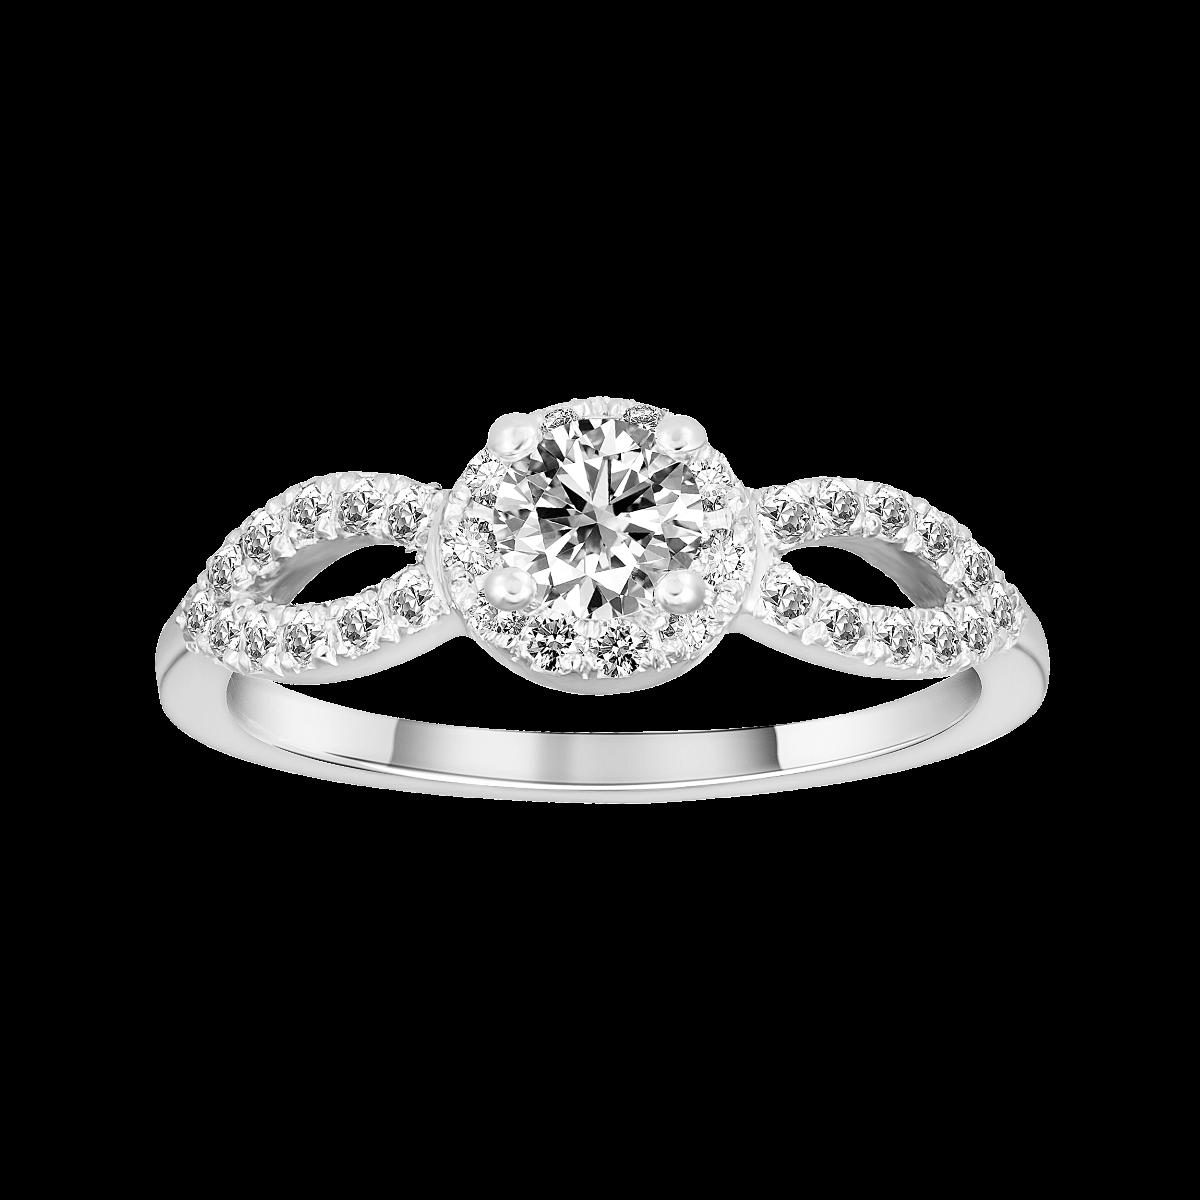 Solitário de diamantes em ouro branco